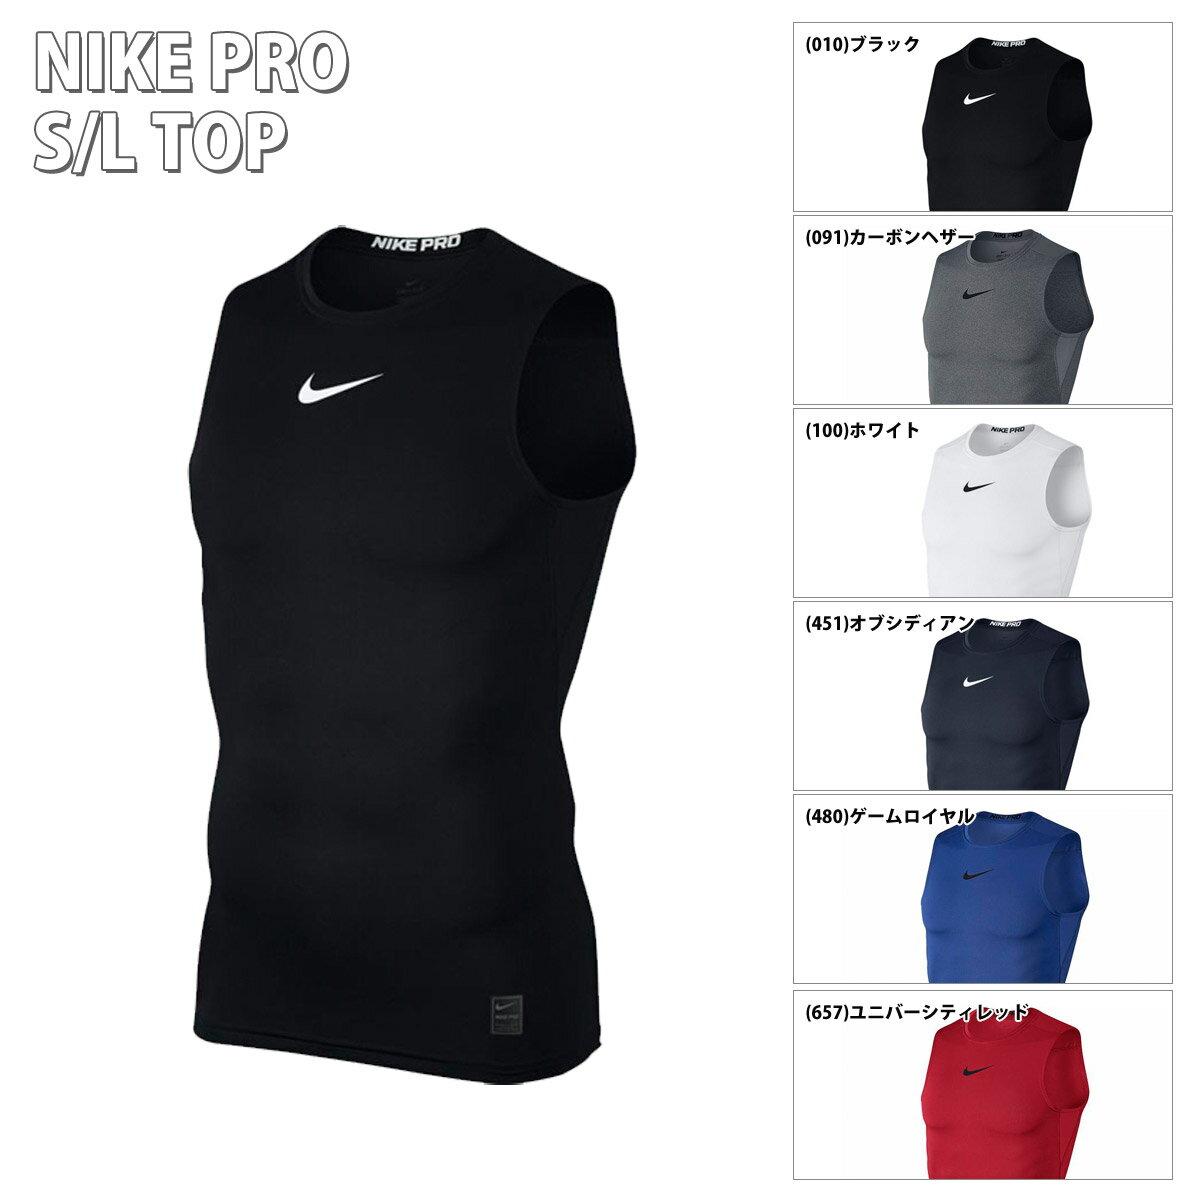 NIKE(ナイキ) 838086 メンズ ナイキ プロ インナーシャツ NP コンプレッション S/L トップ ノースリーブ